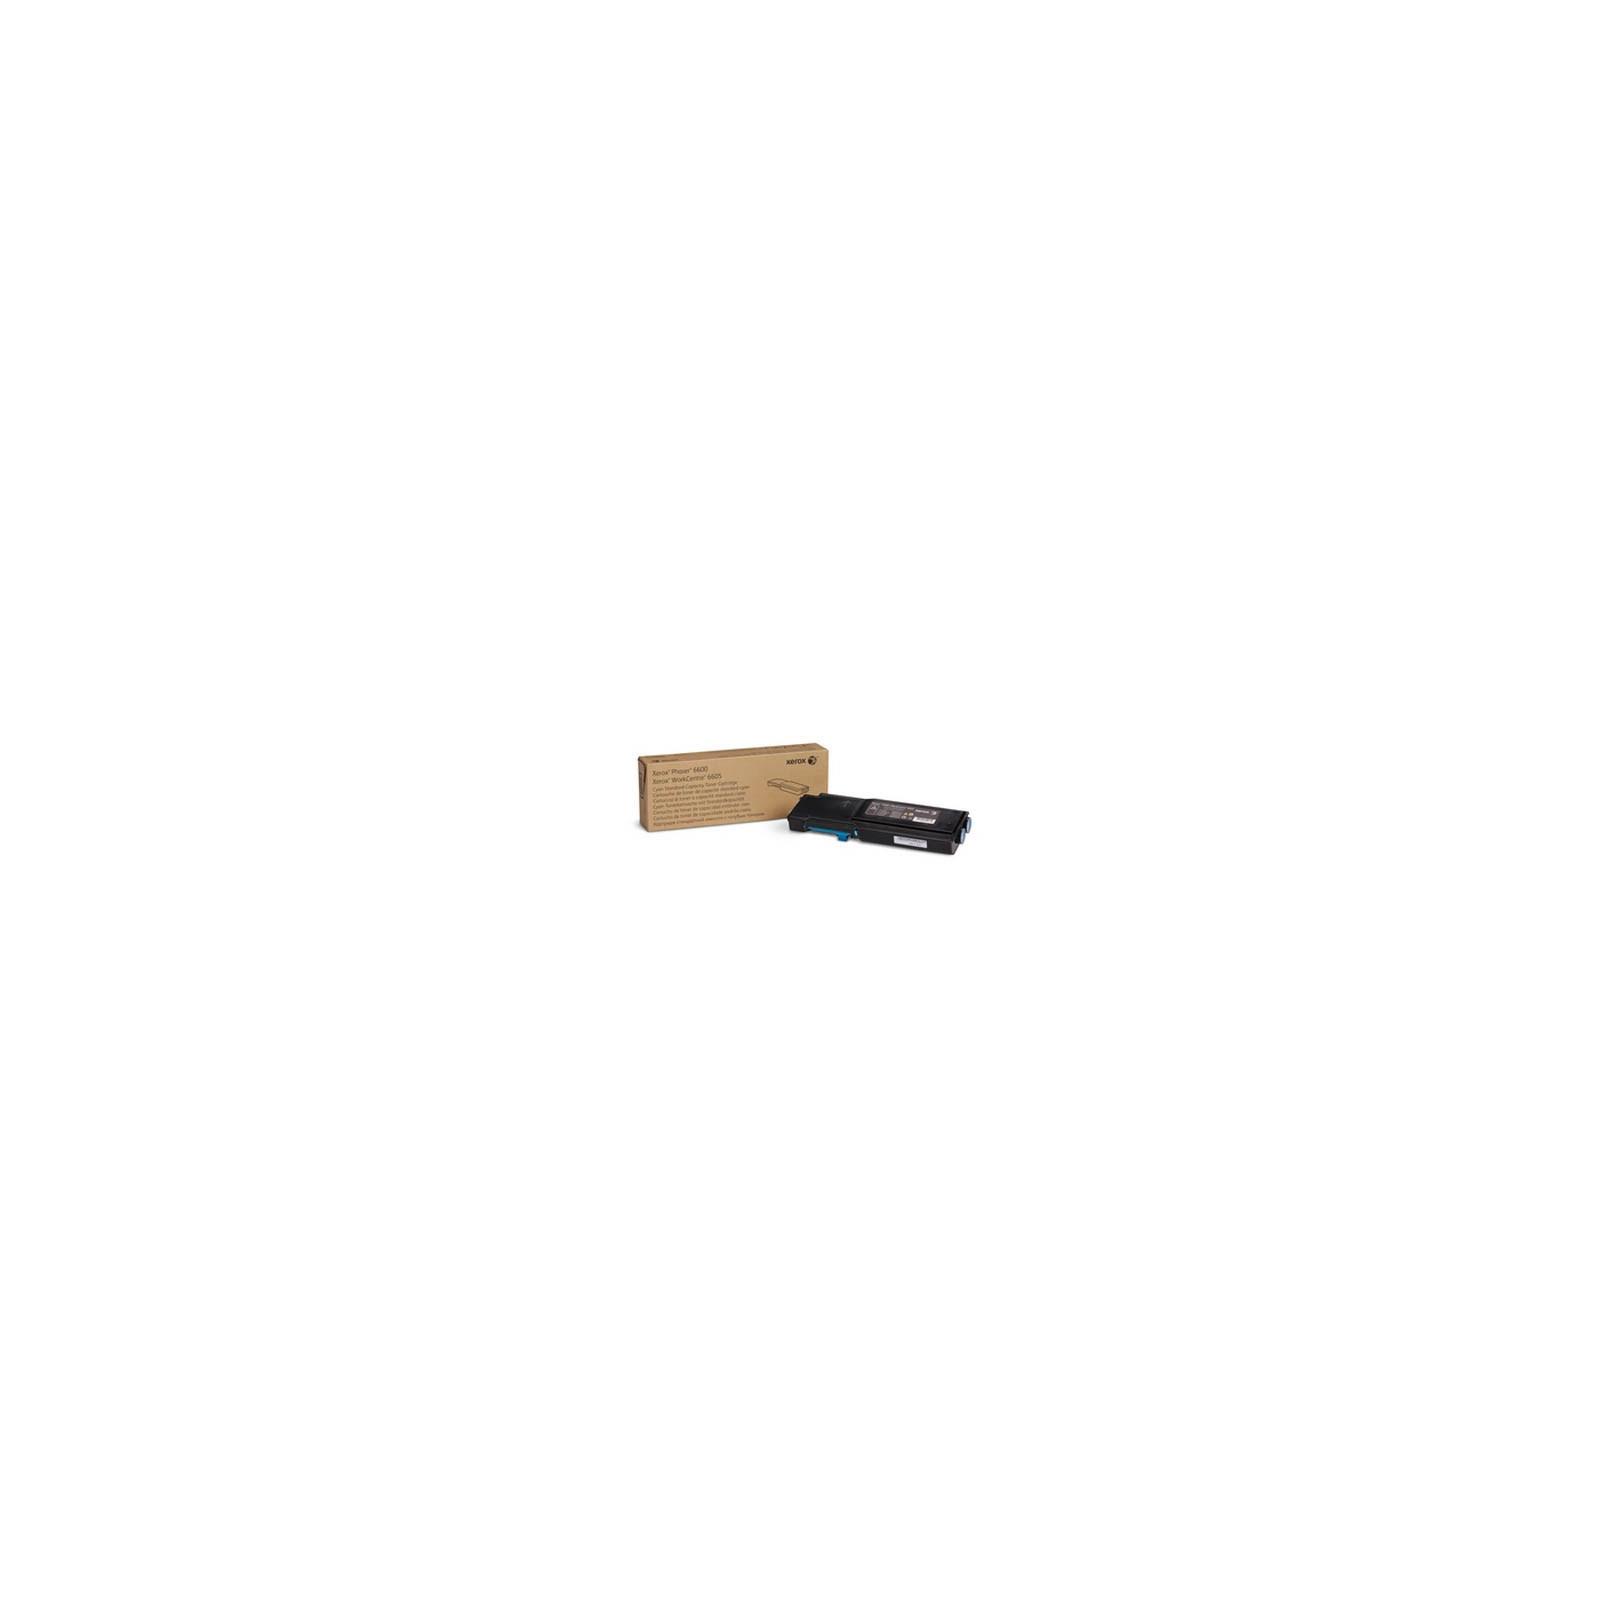 Тонер-картридж XEROX PH6600/ WC6605 Cyan (106R02249)